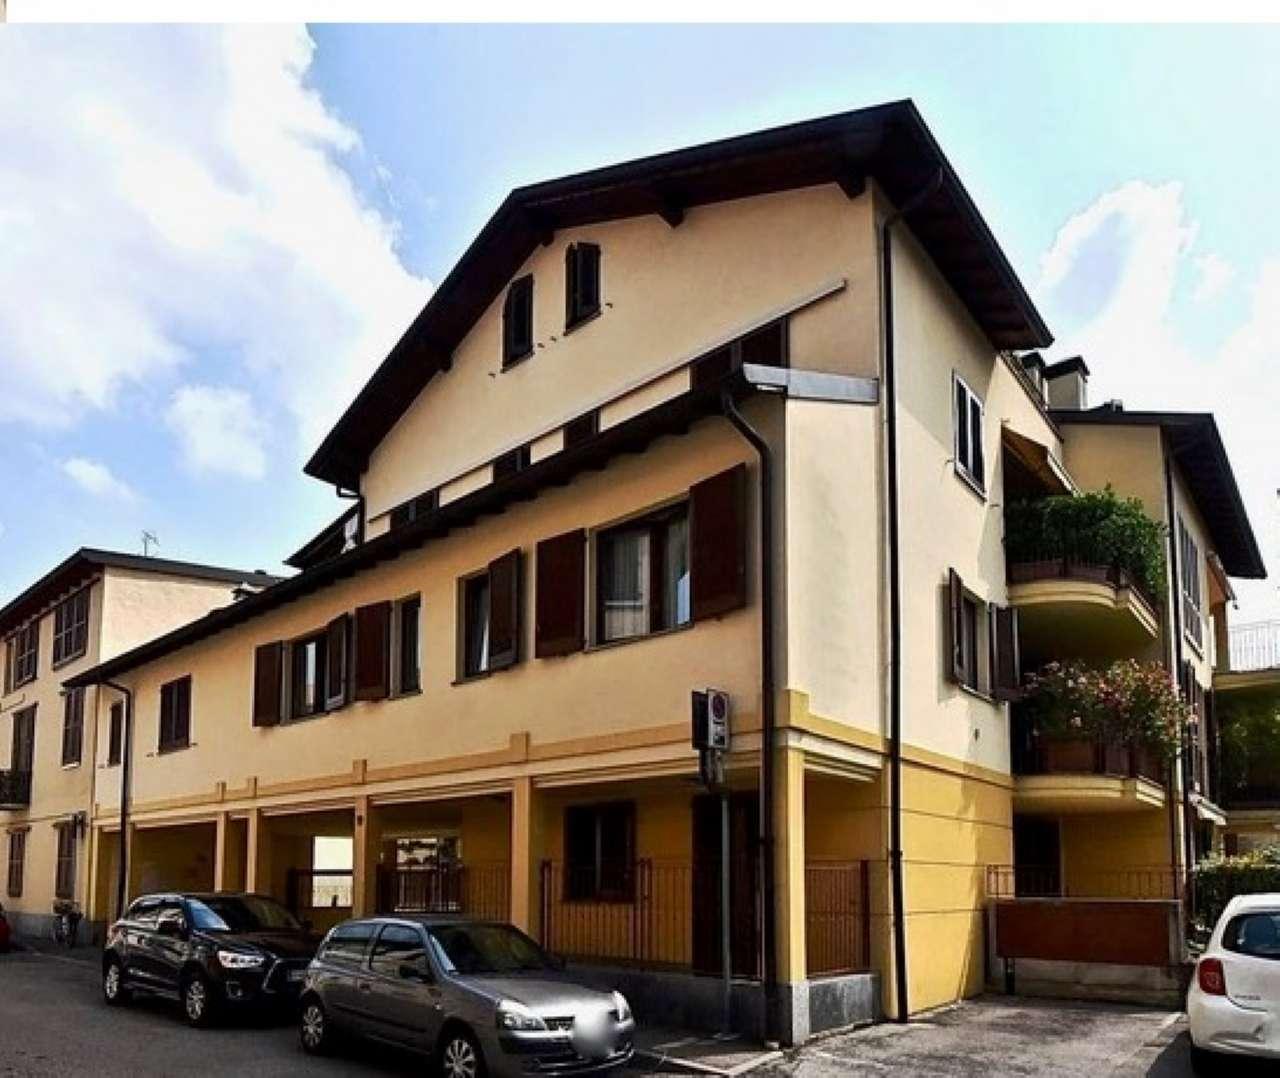 Appartamento in vendita a Vedano al Lambro, 4 locali, prezzo € 350.000 | PortaleAgenzieImmobiliari.it